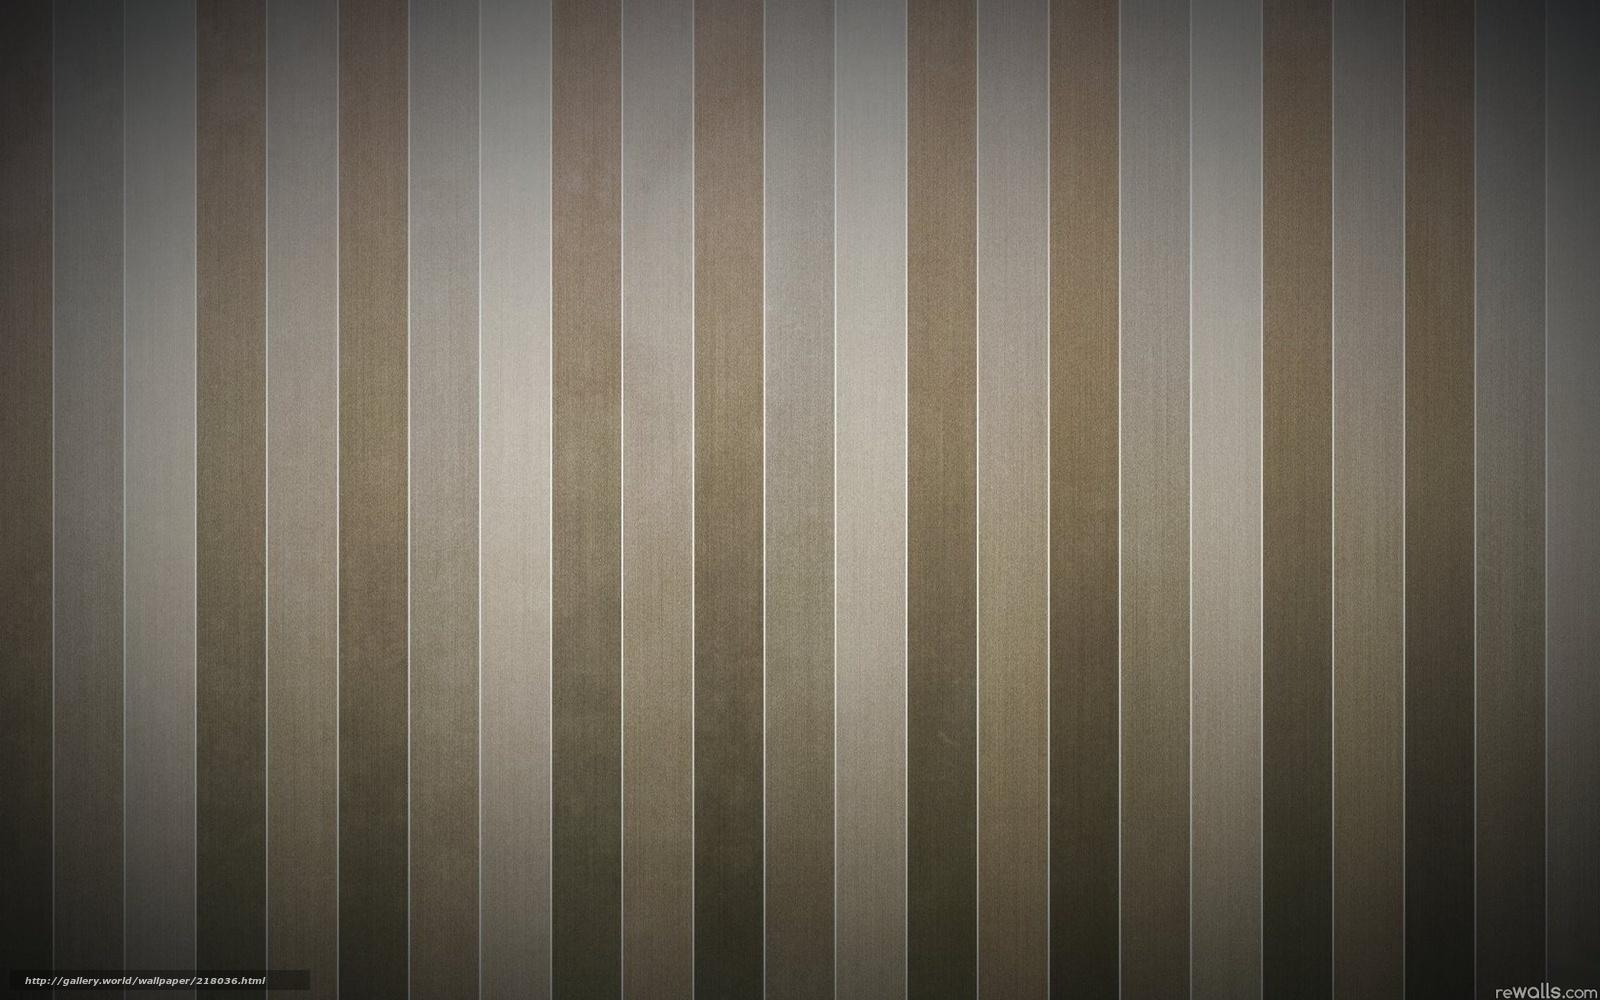 papier peint rasch prego toulouse prix renovation electricite maison poser papier peint vinyle. Black Bedroom Furniture Sets. Home Design Ideas